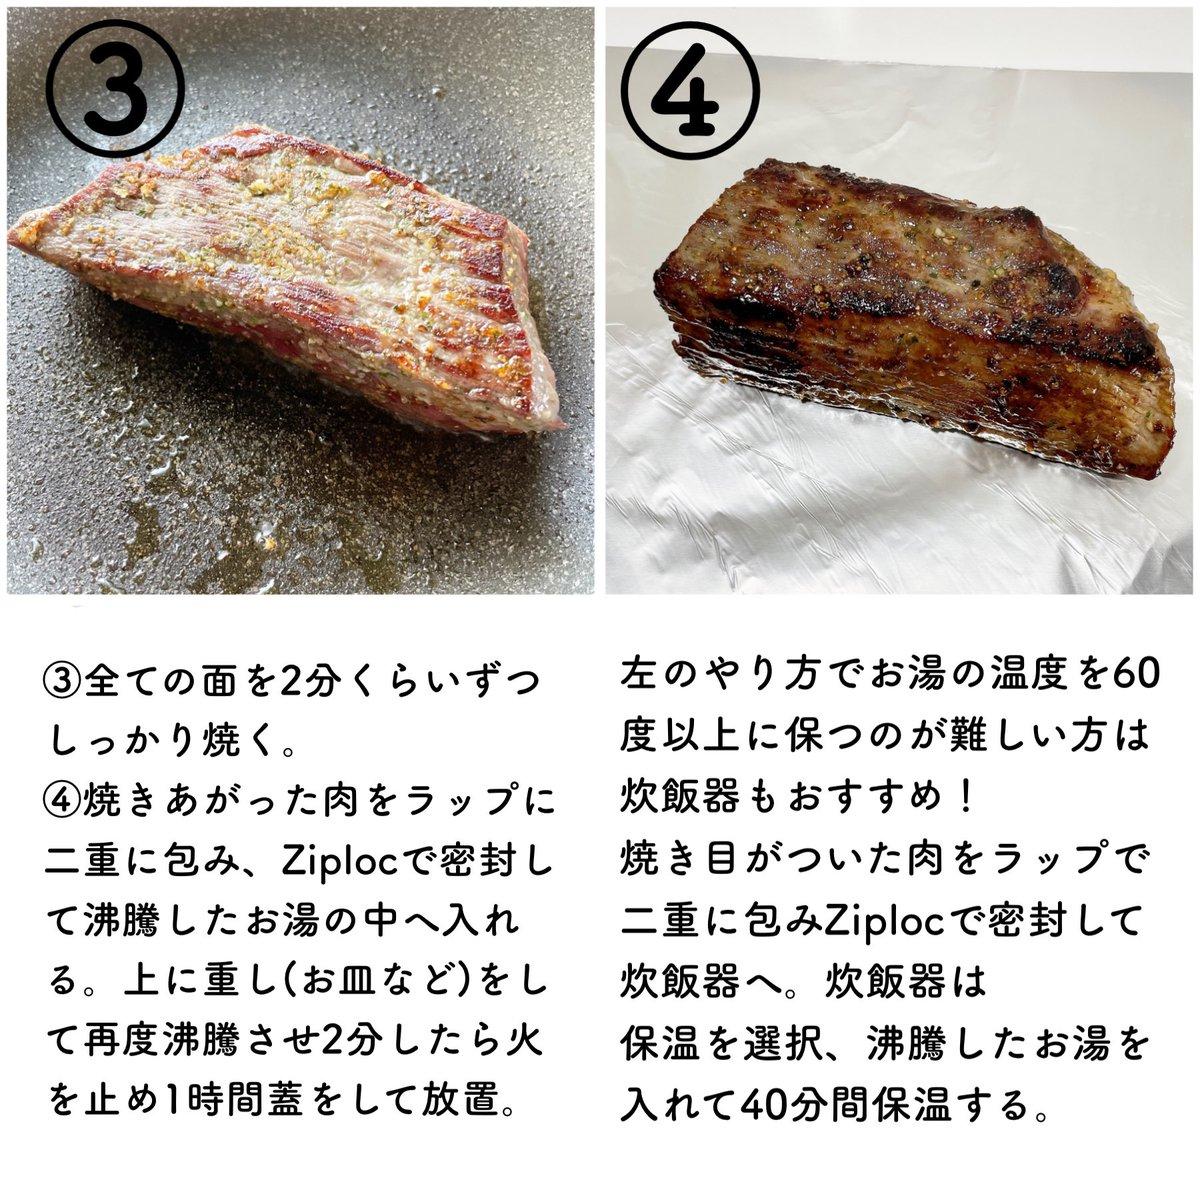 柔らかさとみずみずしさが全然違う、絶品ローストビーフの作り方!